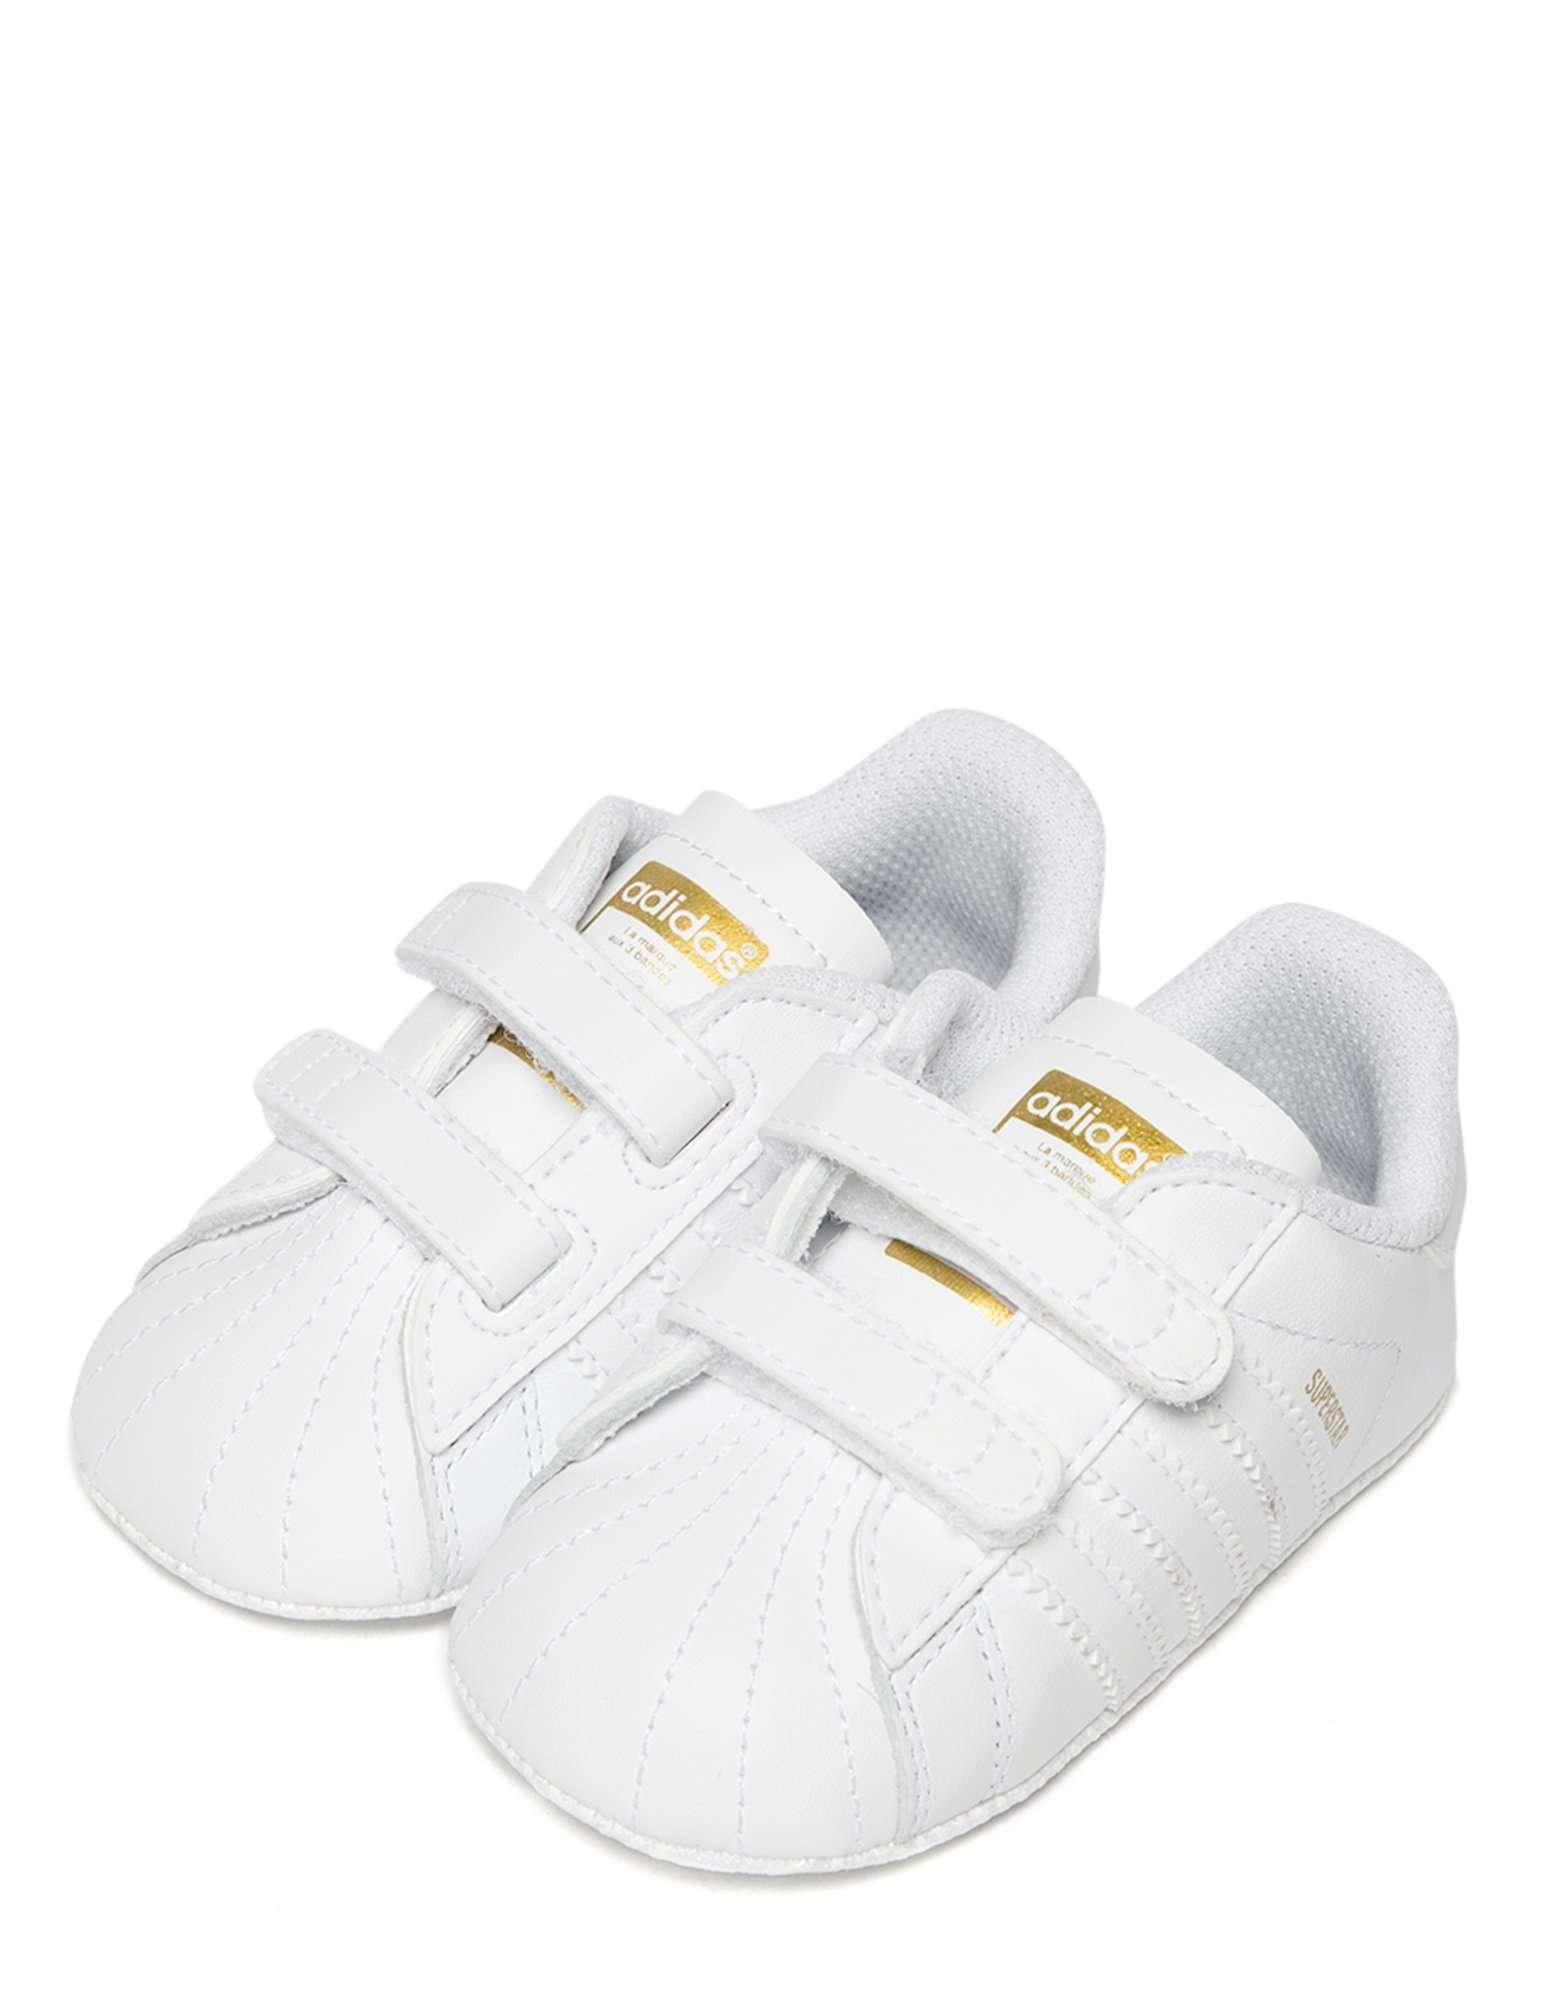 Kinderschoenen Maat 18.Adidas Babyschoenen Maat 18 Adidasyeezykopen Nl